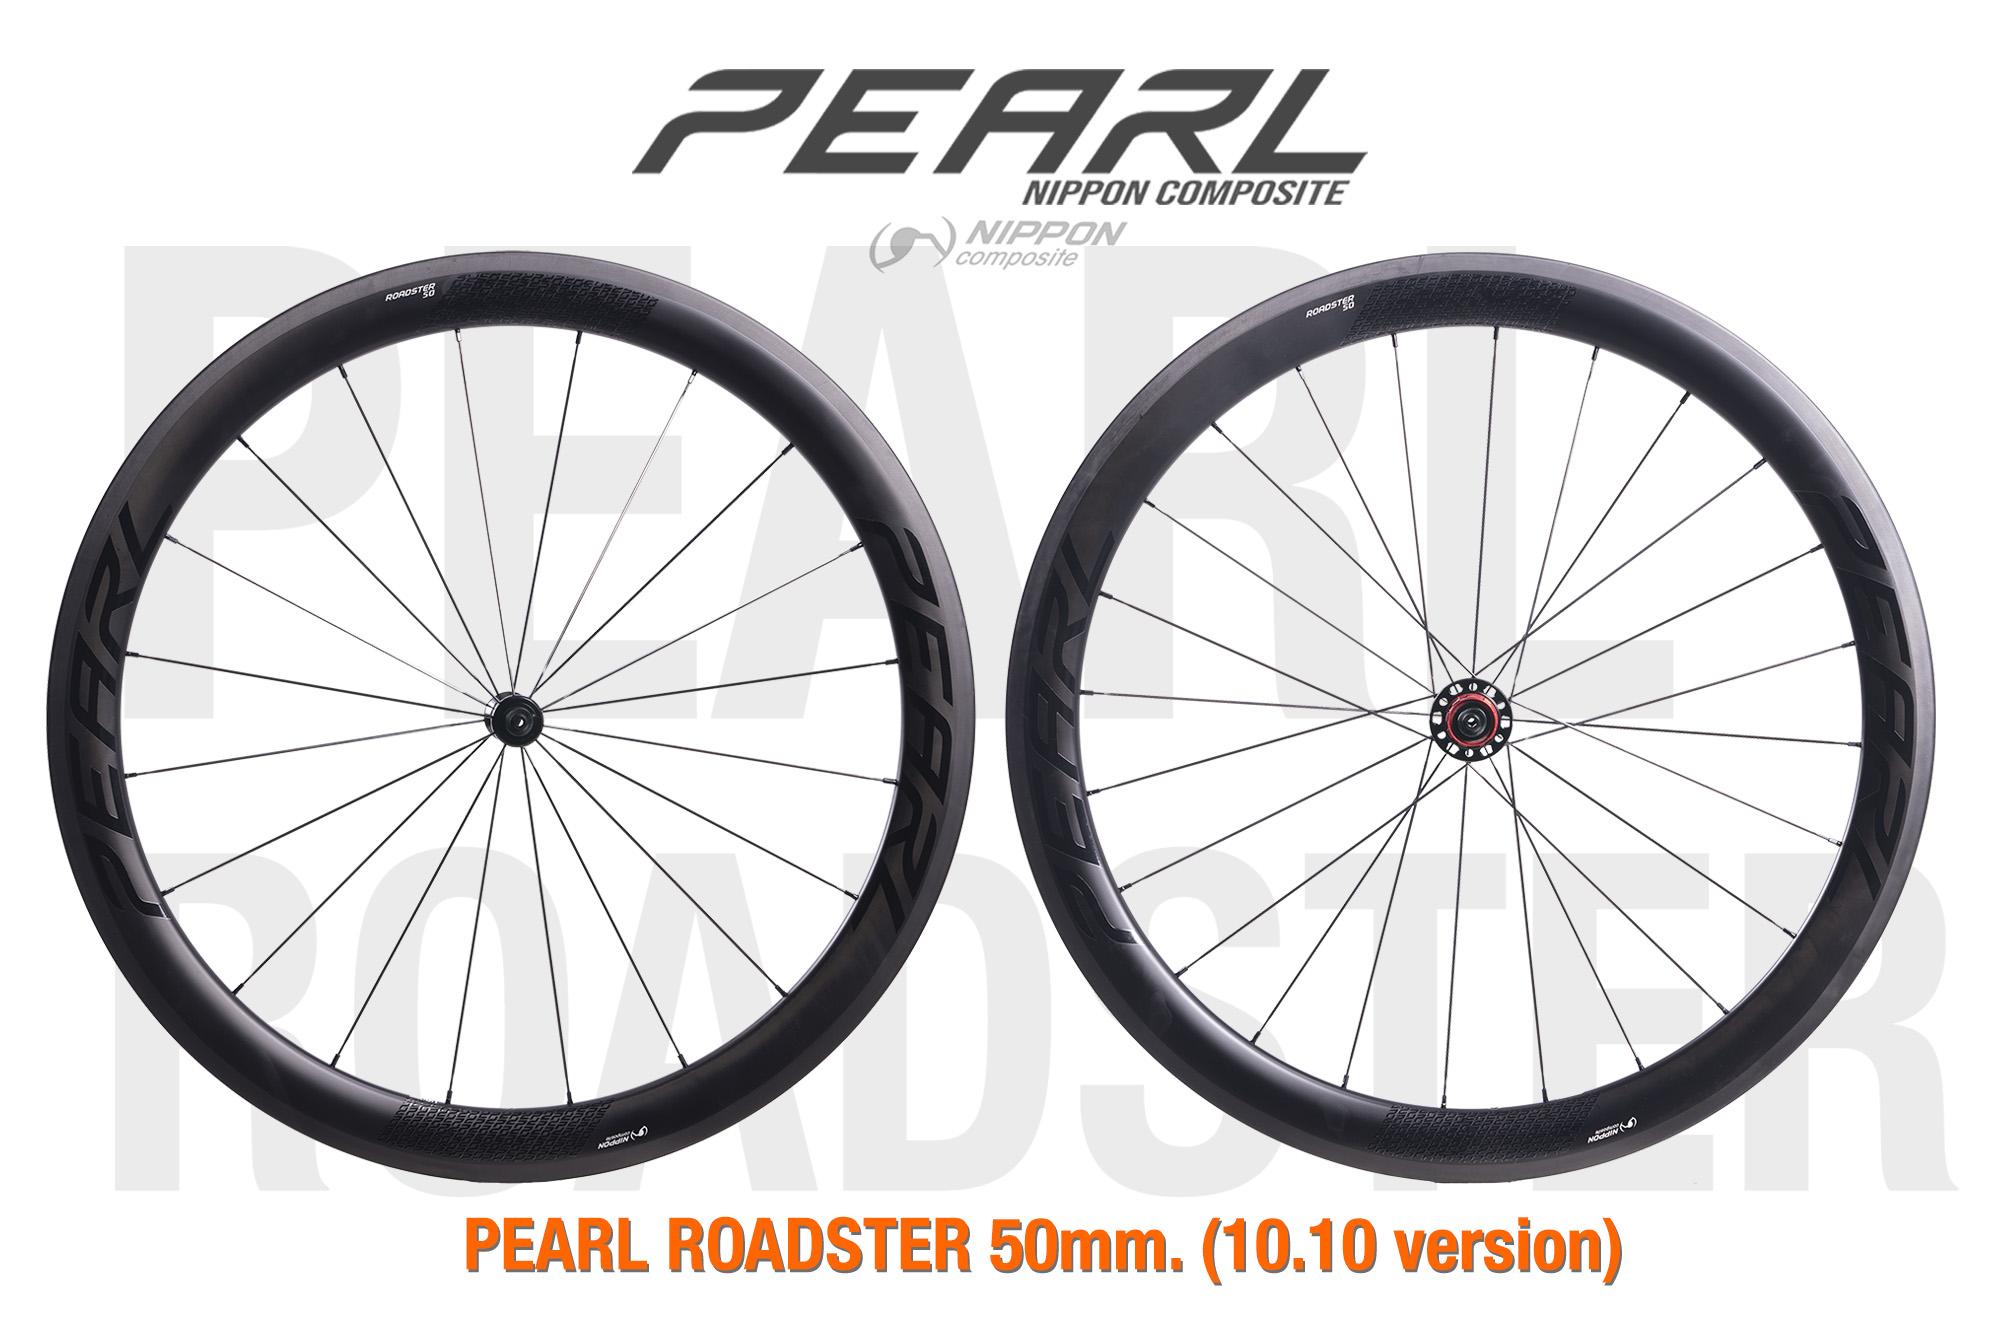 โปร 10.10 ชุดล้อเสือหมอบคาร์บอน Pearl - Roadster Carbon (10.10 version)